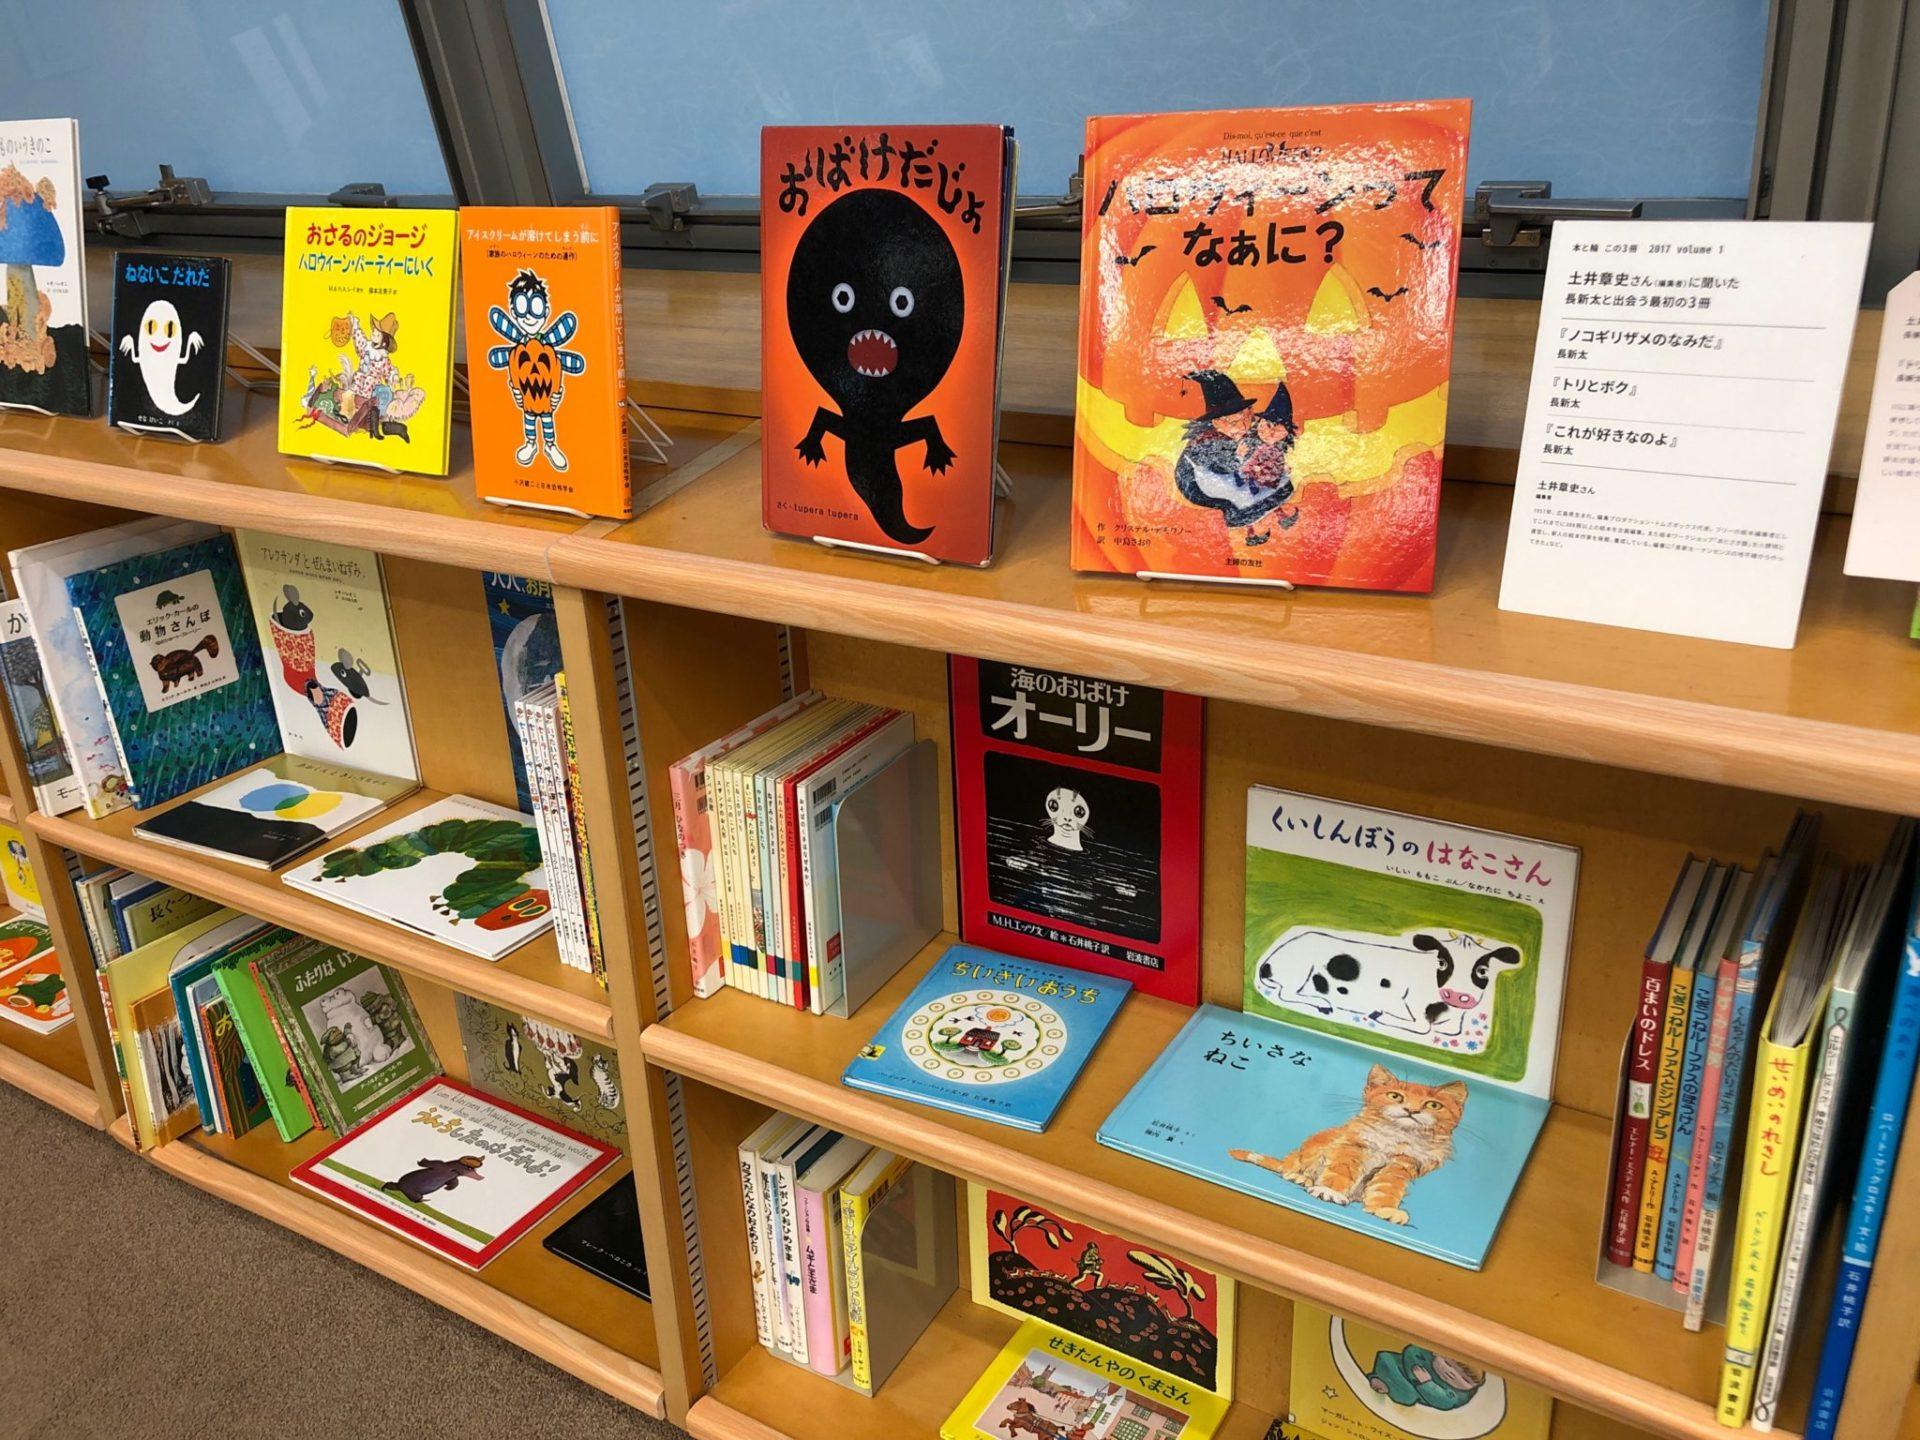 世田谷文学館 芦花公園のライブラリーにある絵本